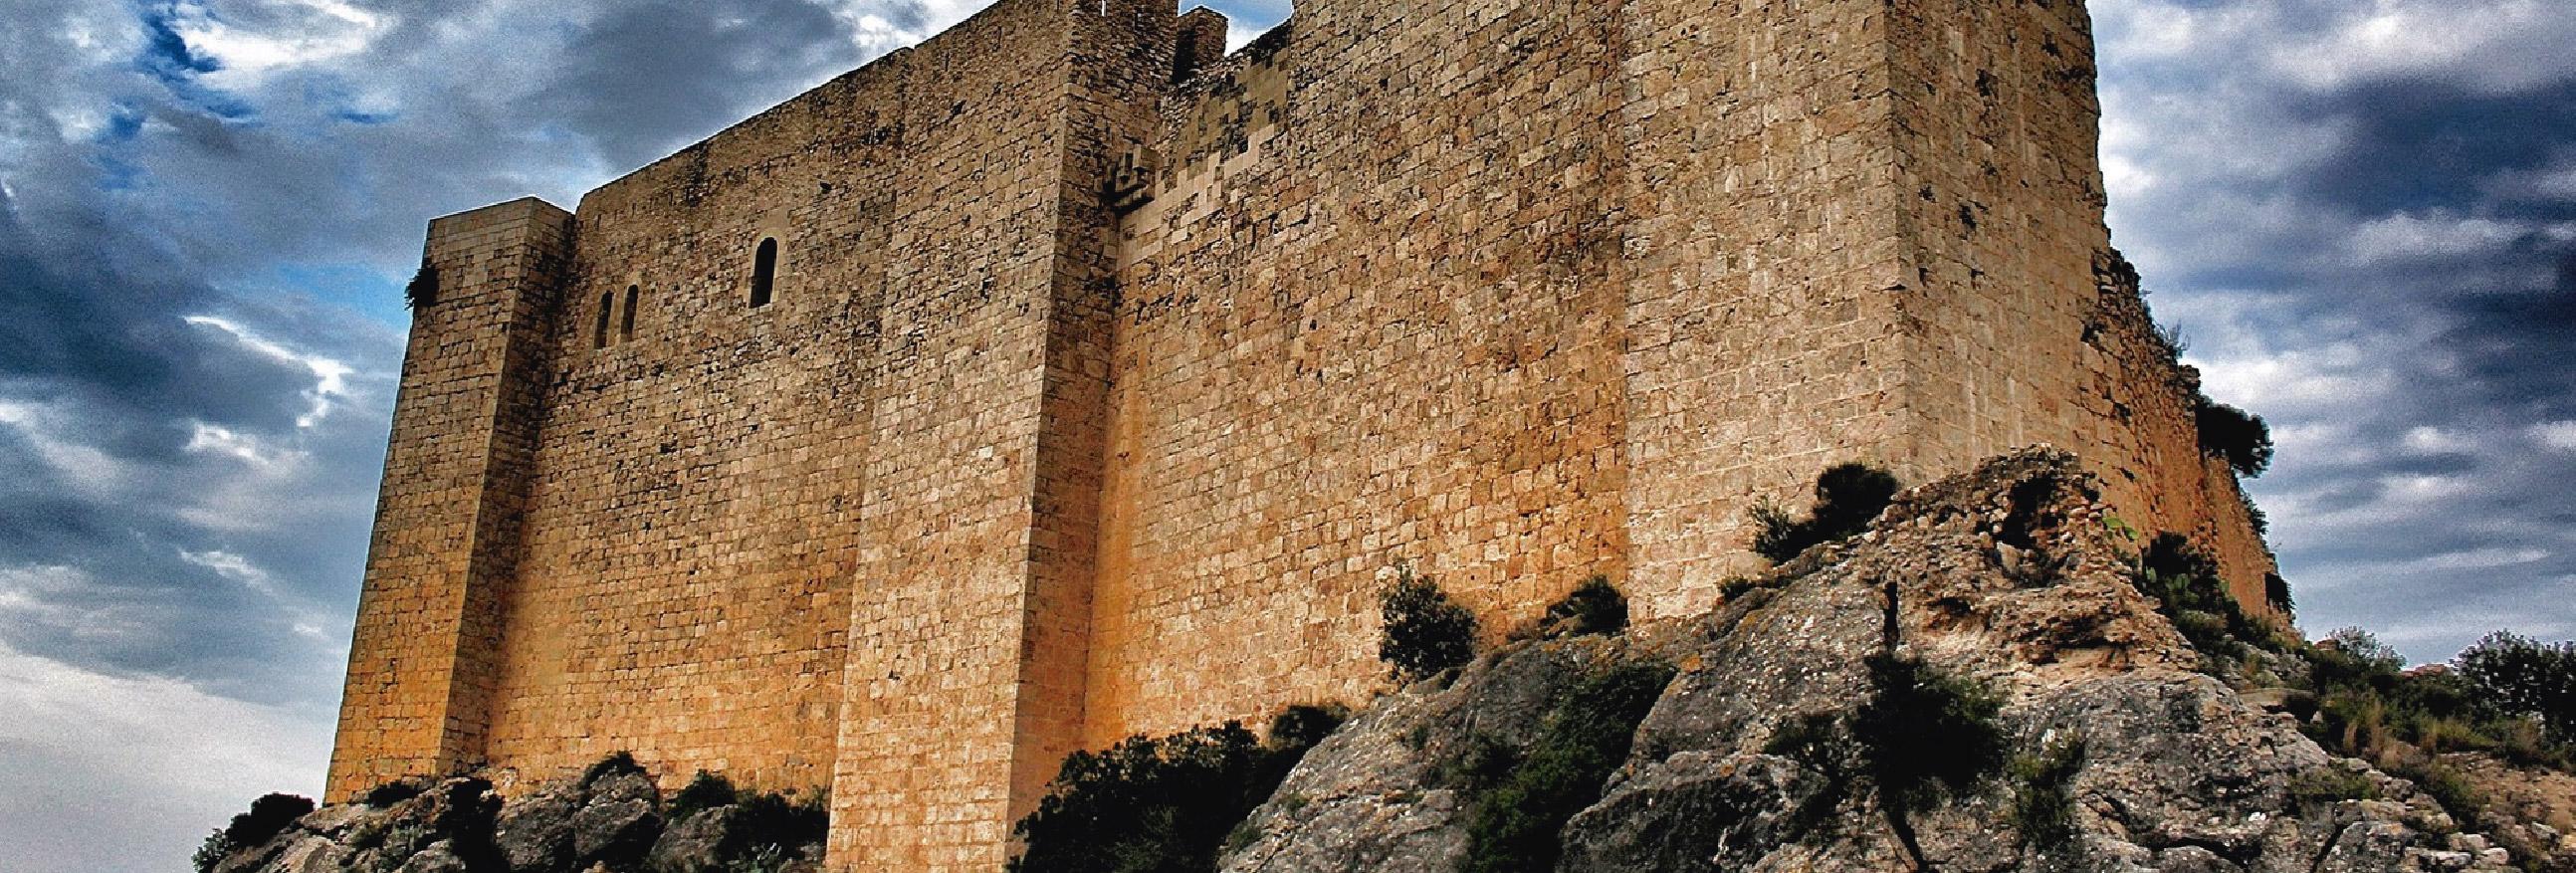 castell de miravet ribera d'ebre-01